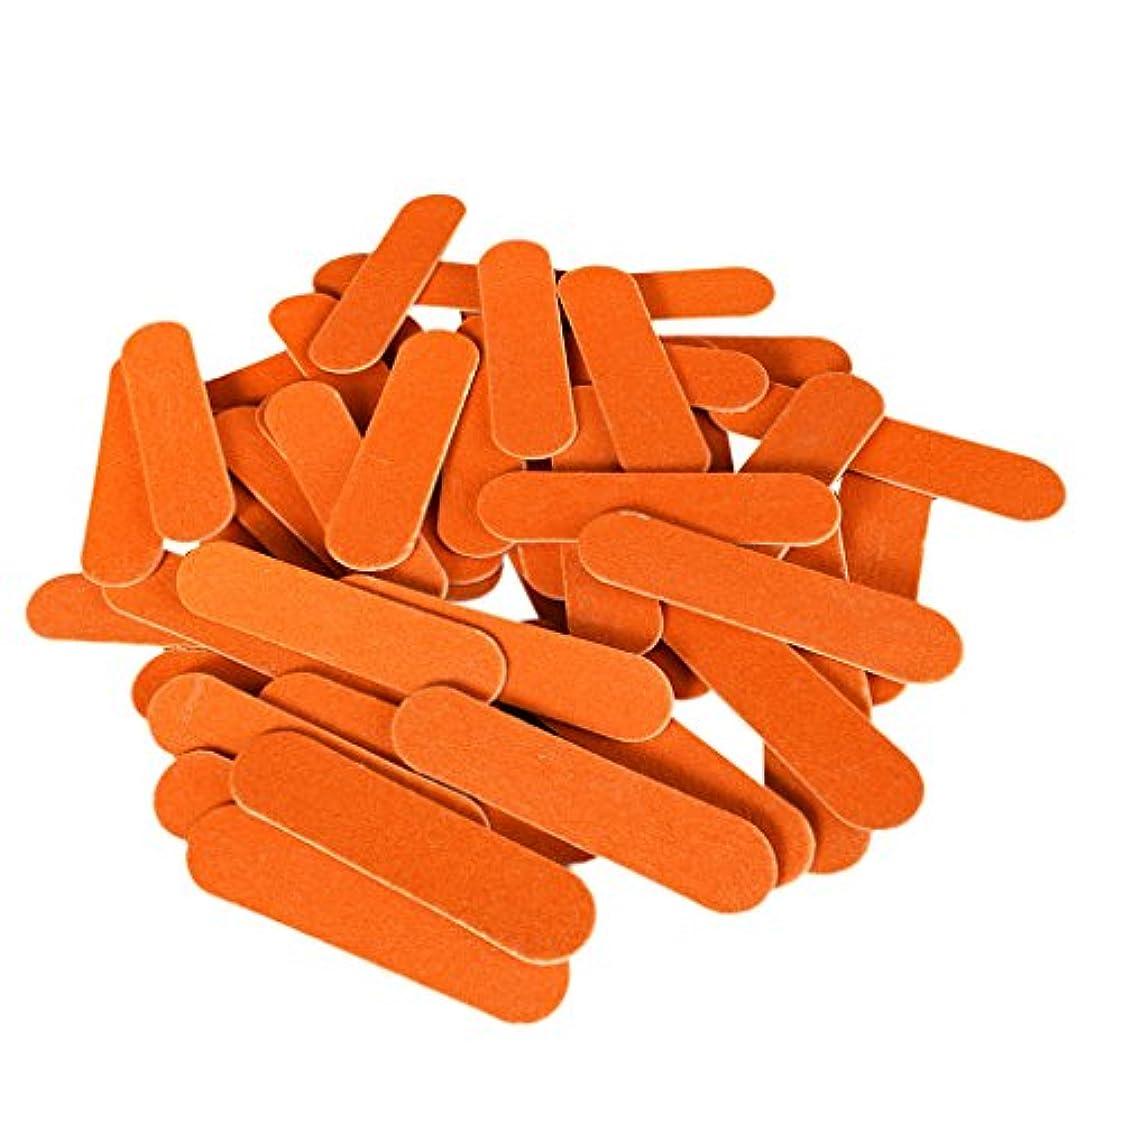 動恐怖失う磨かれた釘の心配のマニキュア用具をトリミングするための50の釘ファイルそして緩衝ブロック